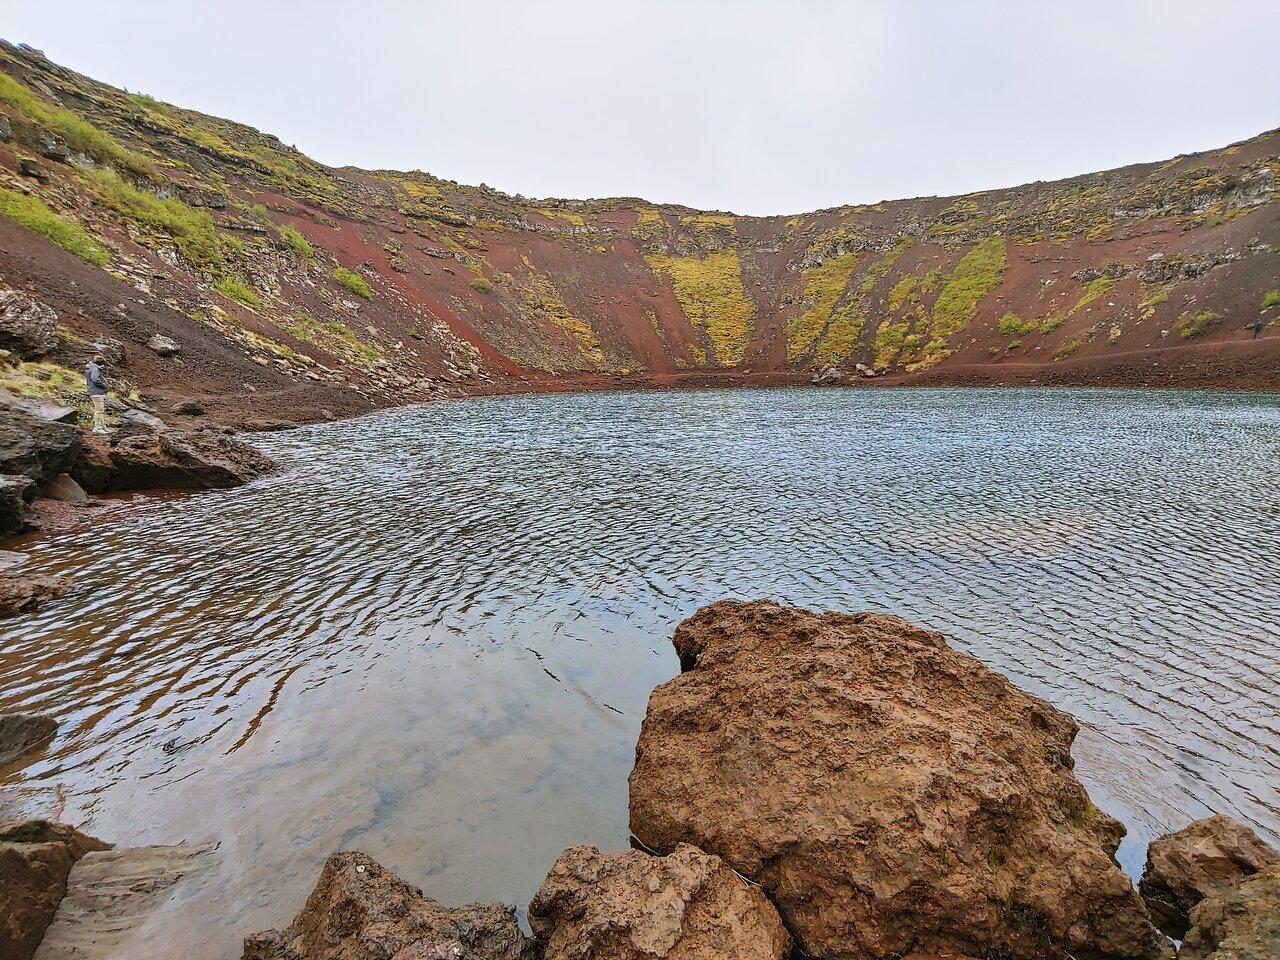 Une journée pour découvrir le cercle d'or, le cratère de Kerid et le Blue Lagoon depuis Reykjavik